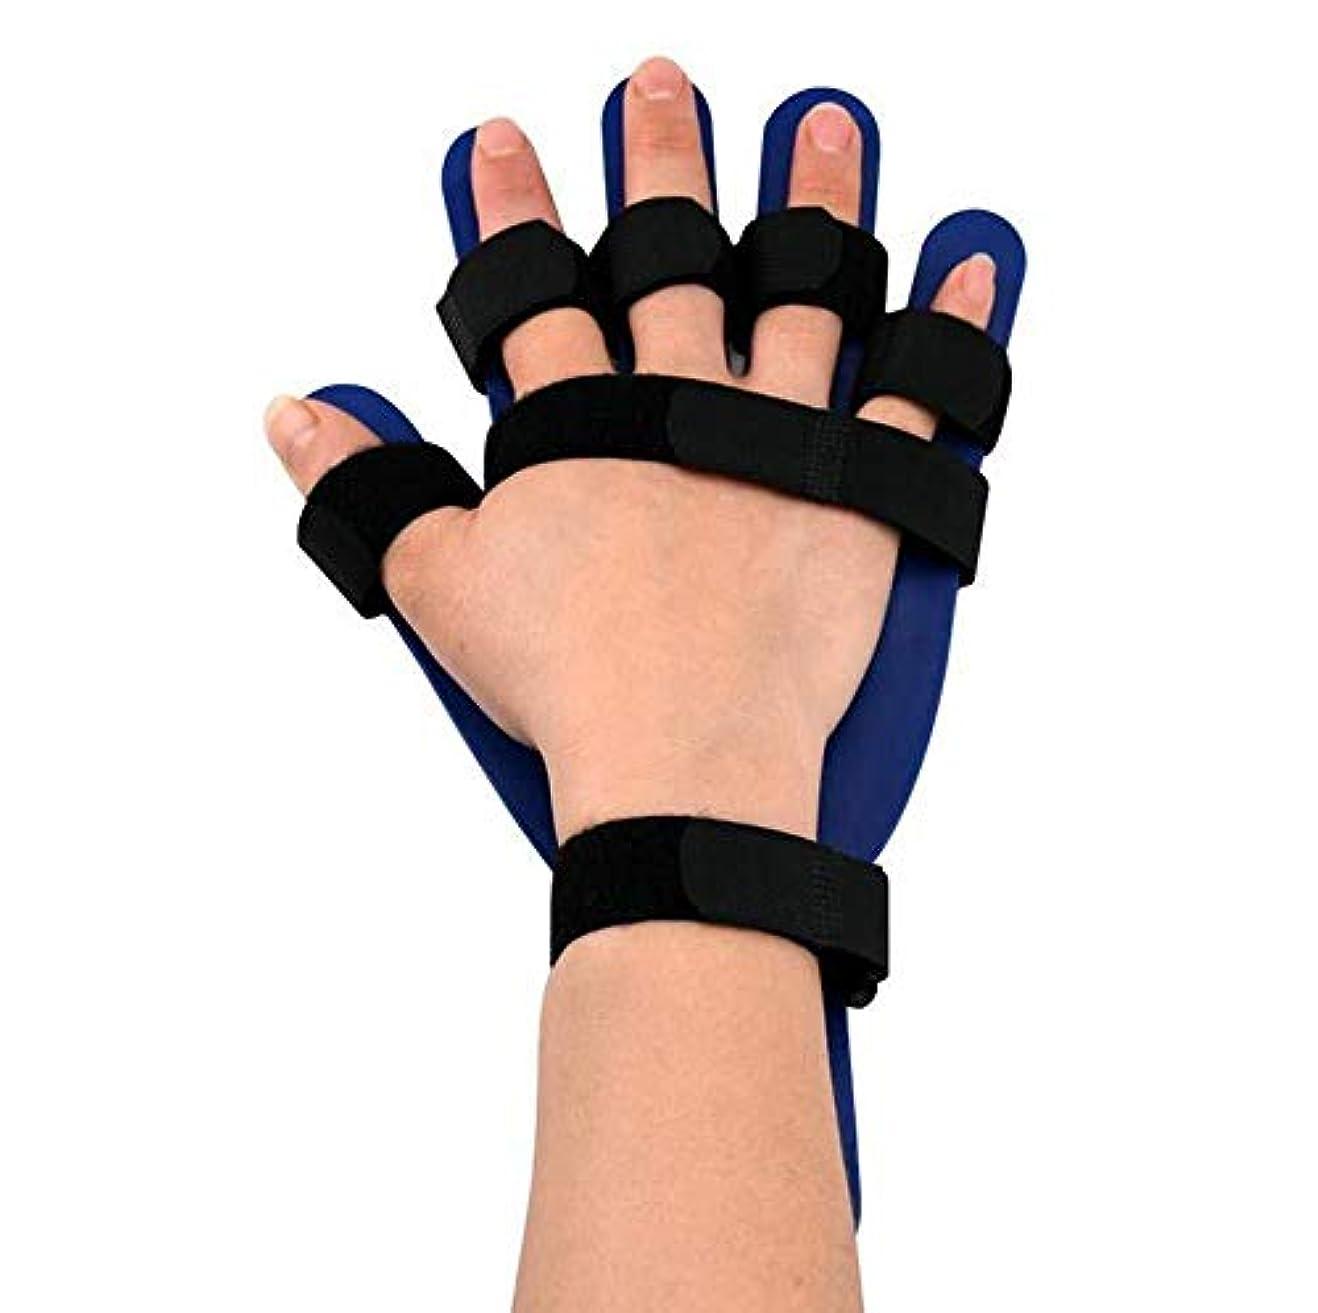 変形する石膏平和的親指サポートトリガーフィンガースプリント、右手首スプリントユニセックスフィンガープレート,Right Hand